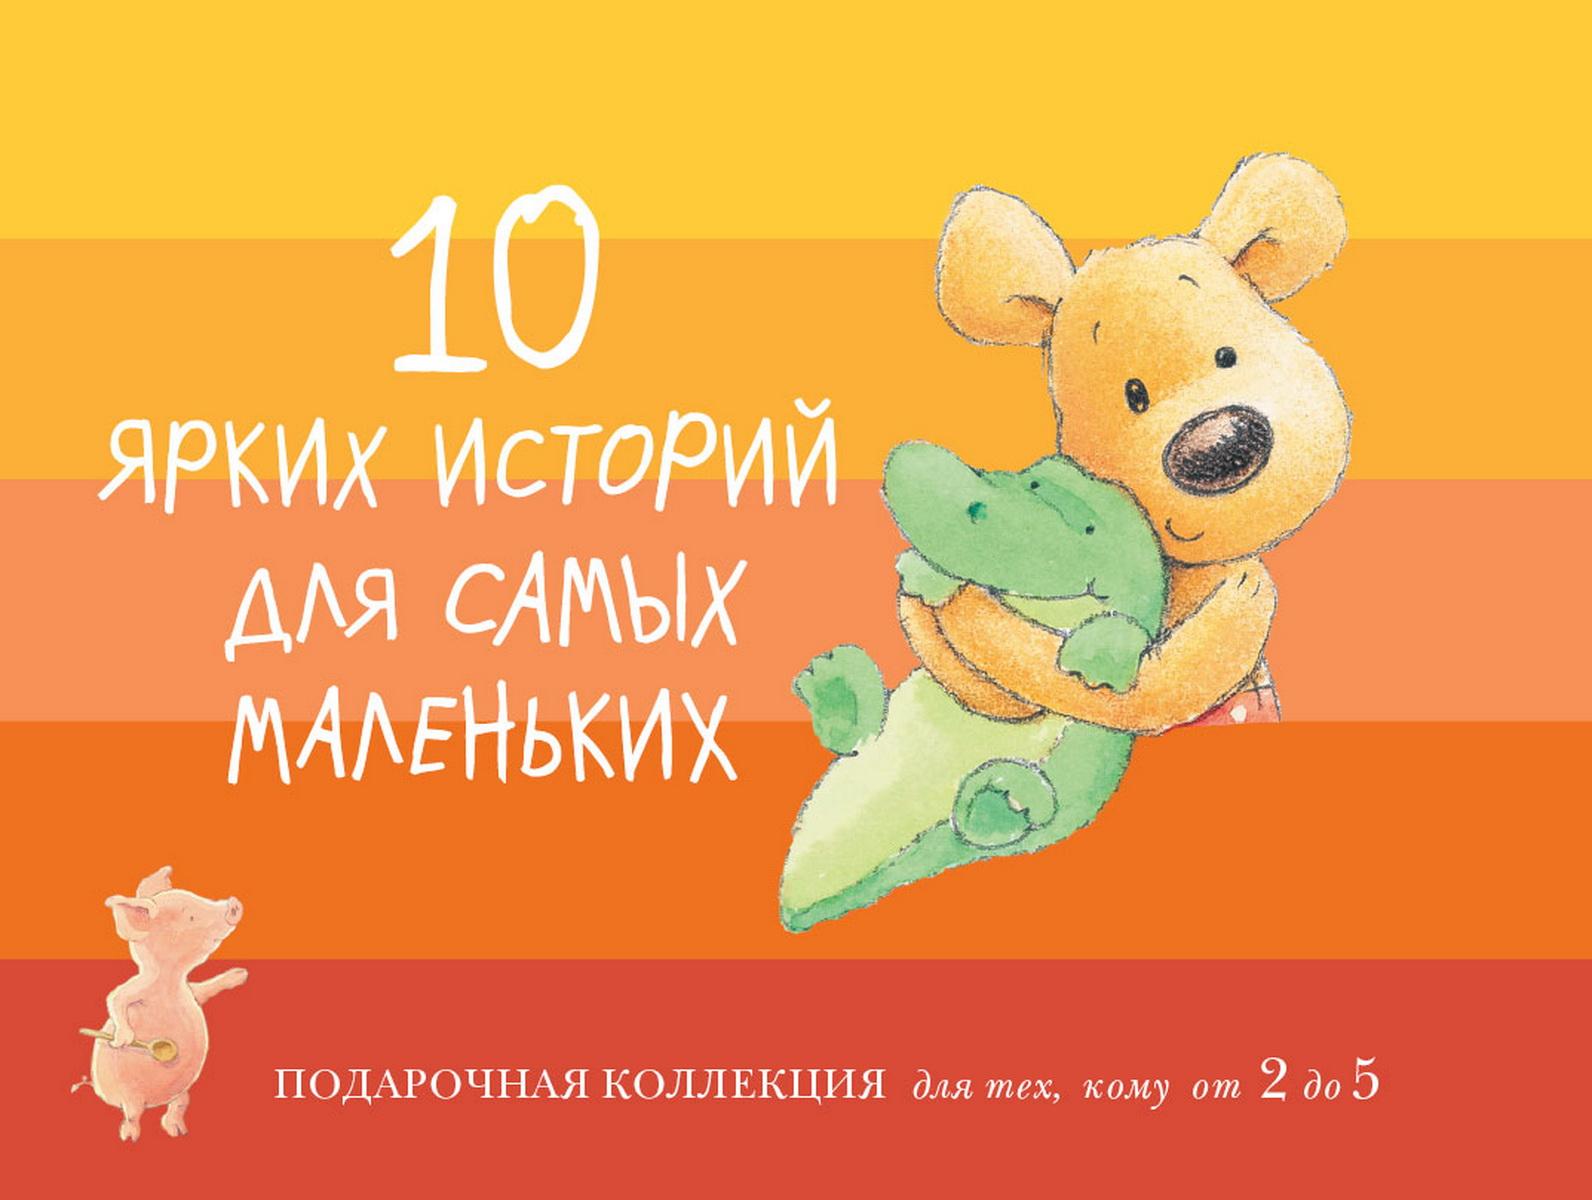 10 ярких историй для самых маленьких (комплект из 10 книг) онидзука тайгер